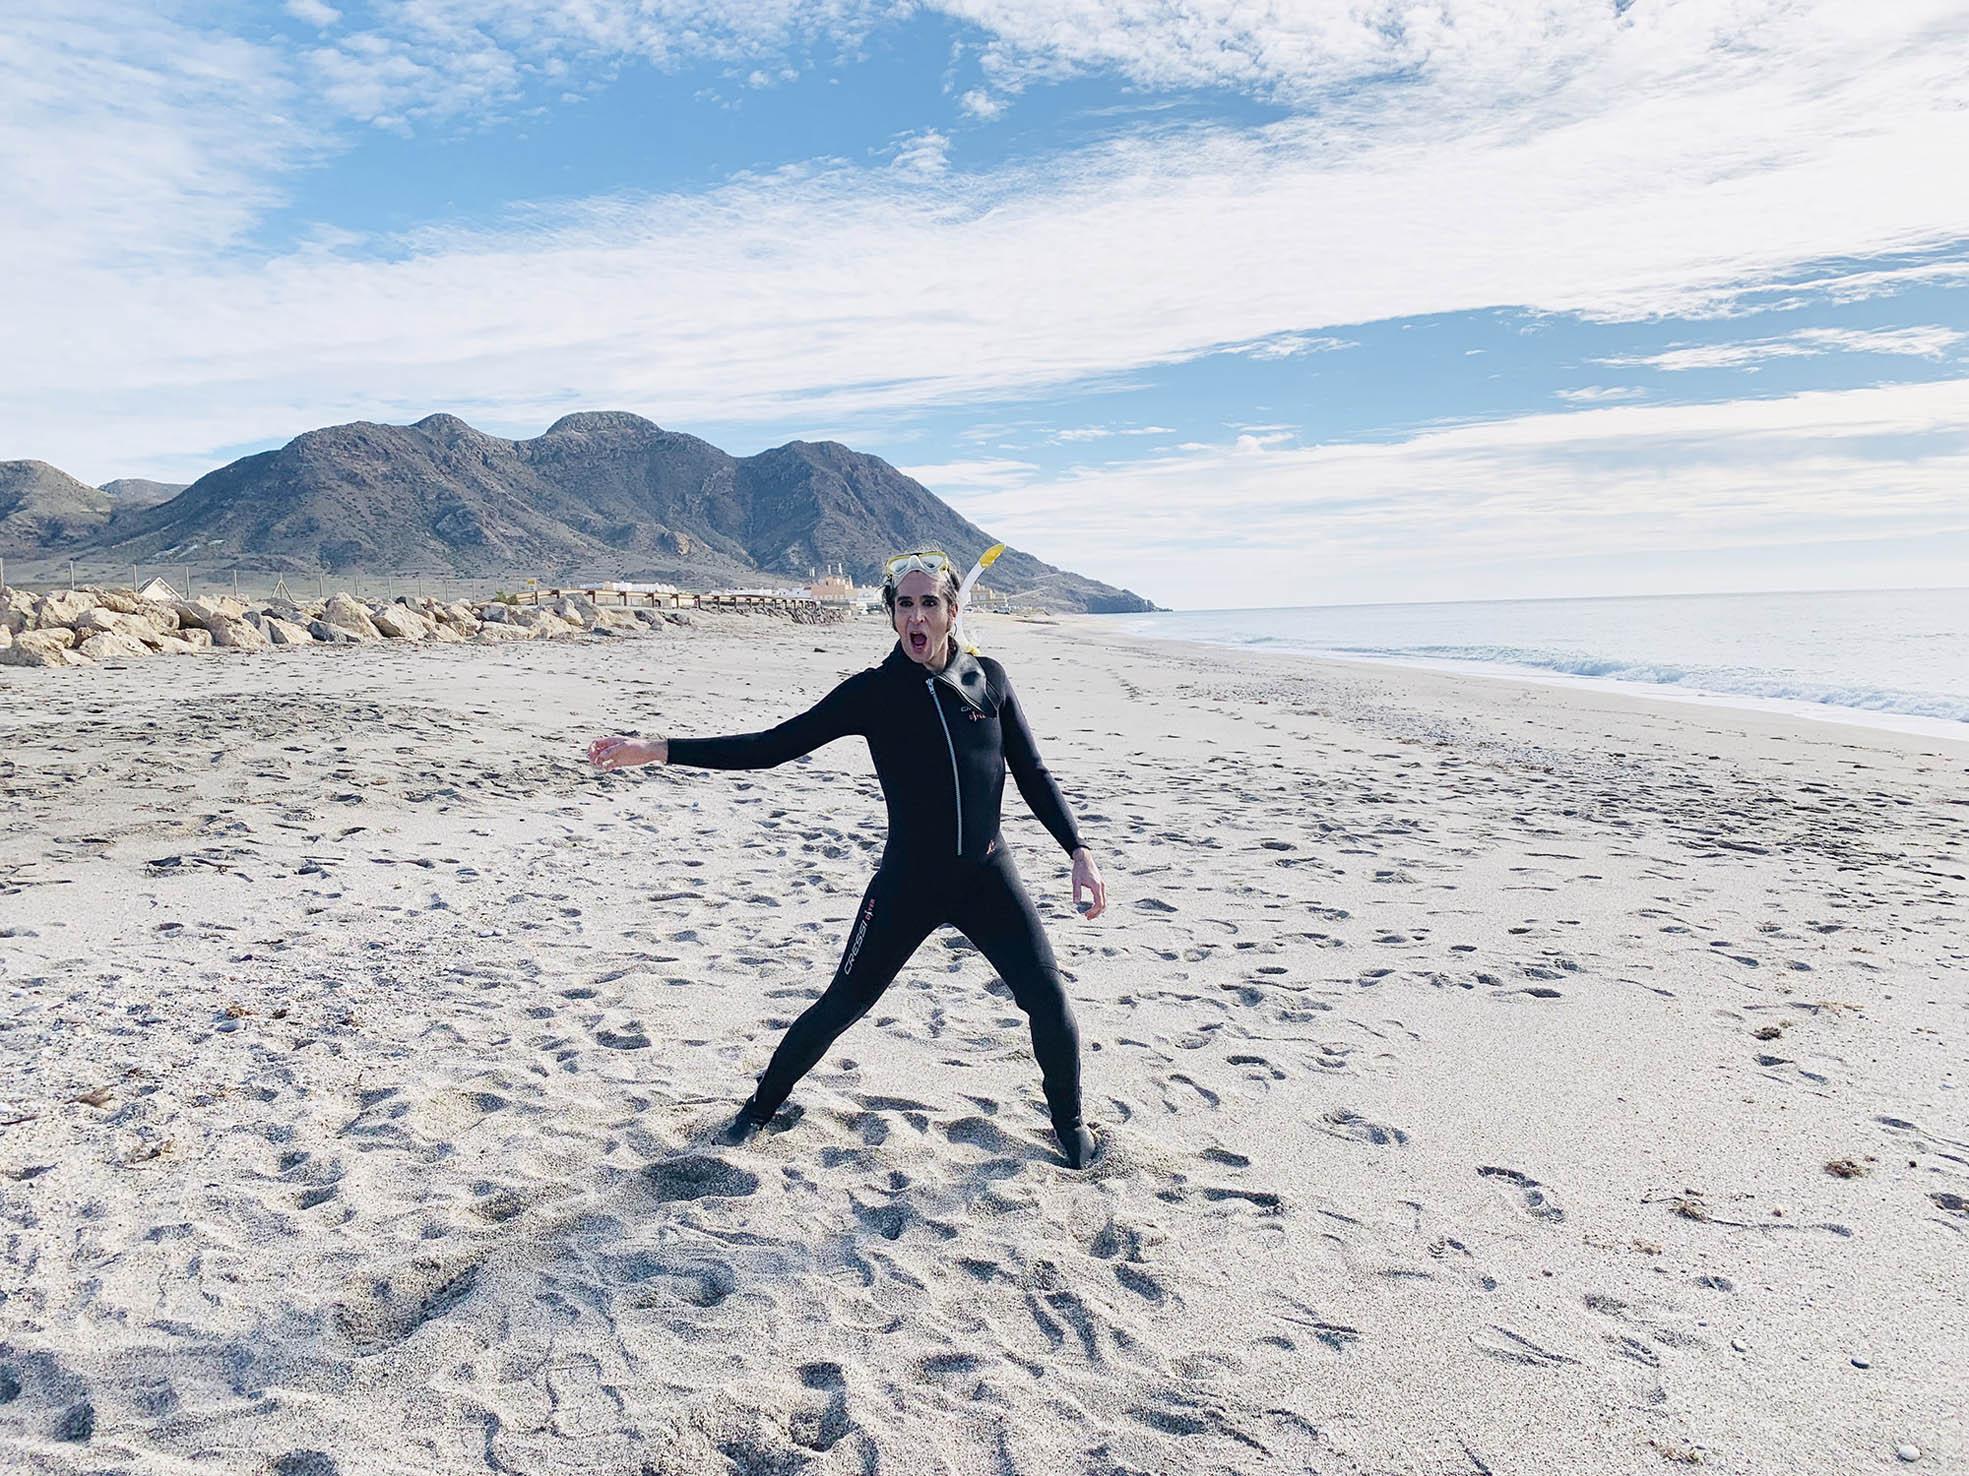 Mario Vaquerizo alaba las playas, clima y cocina de Almería e invita a visitar la ciudad durante todo el año